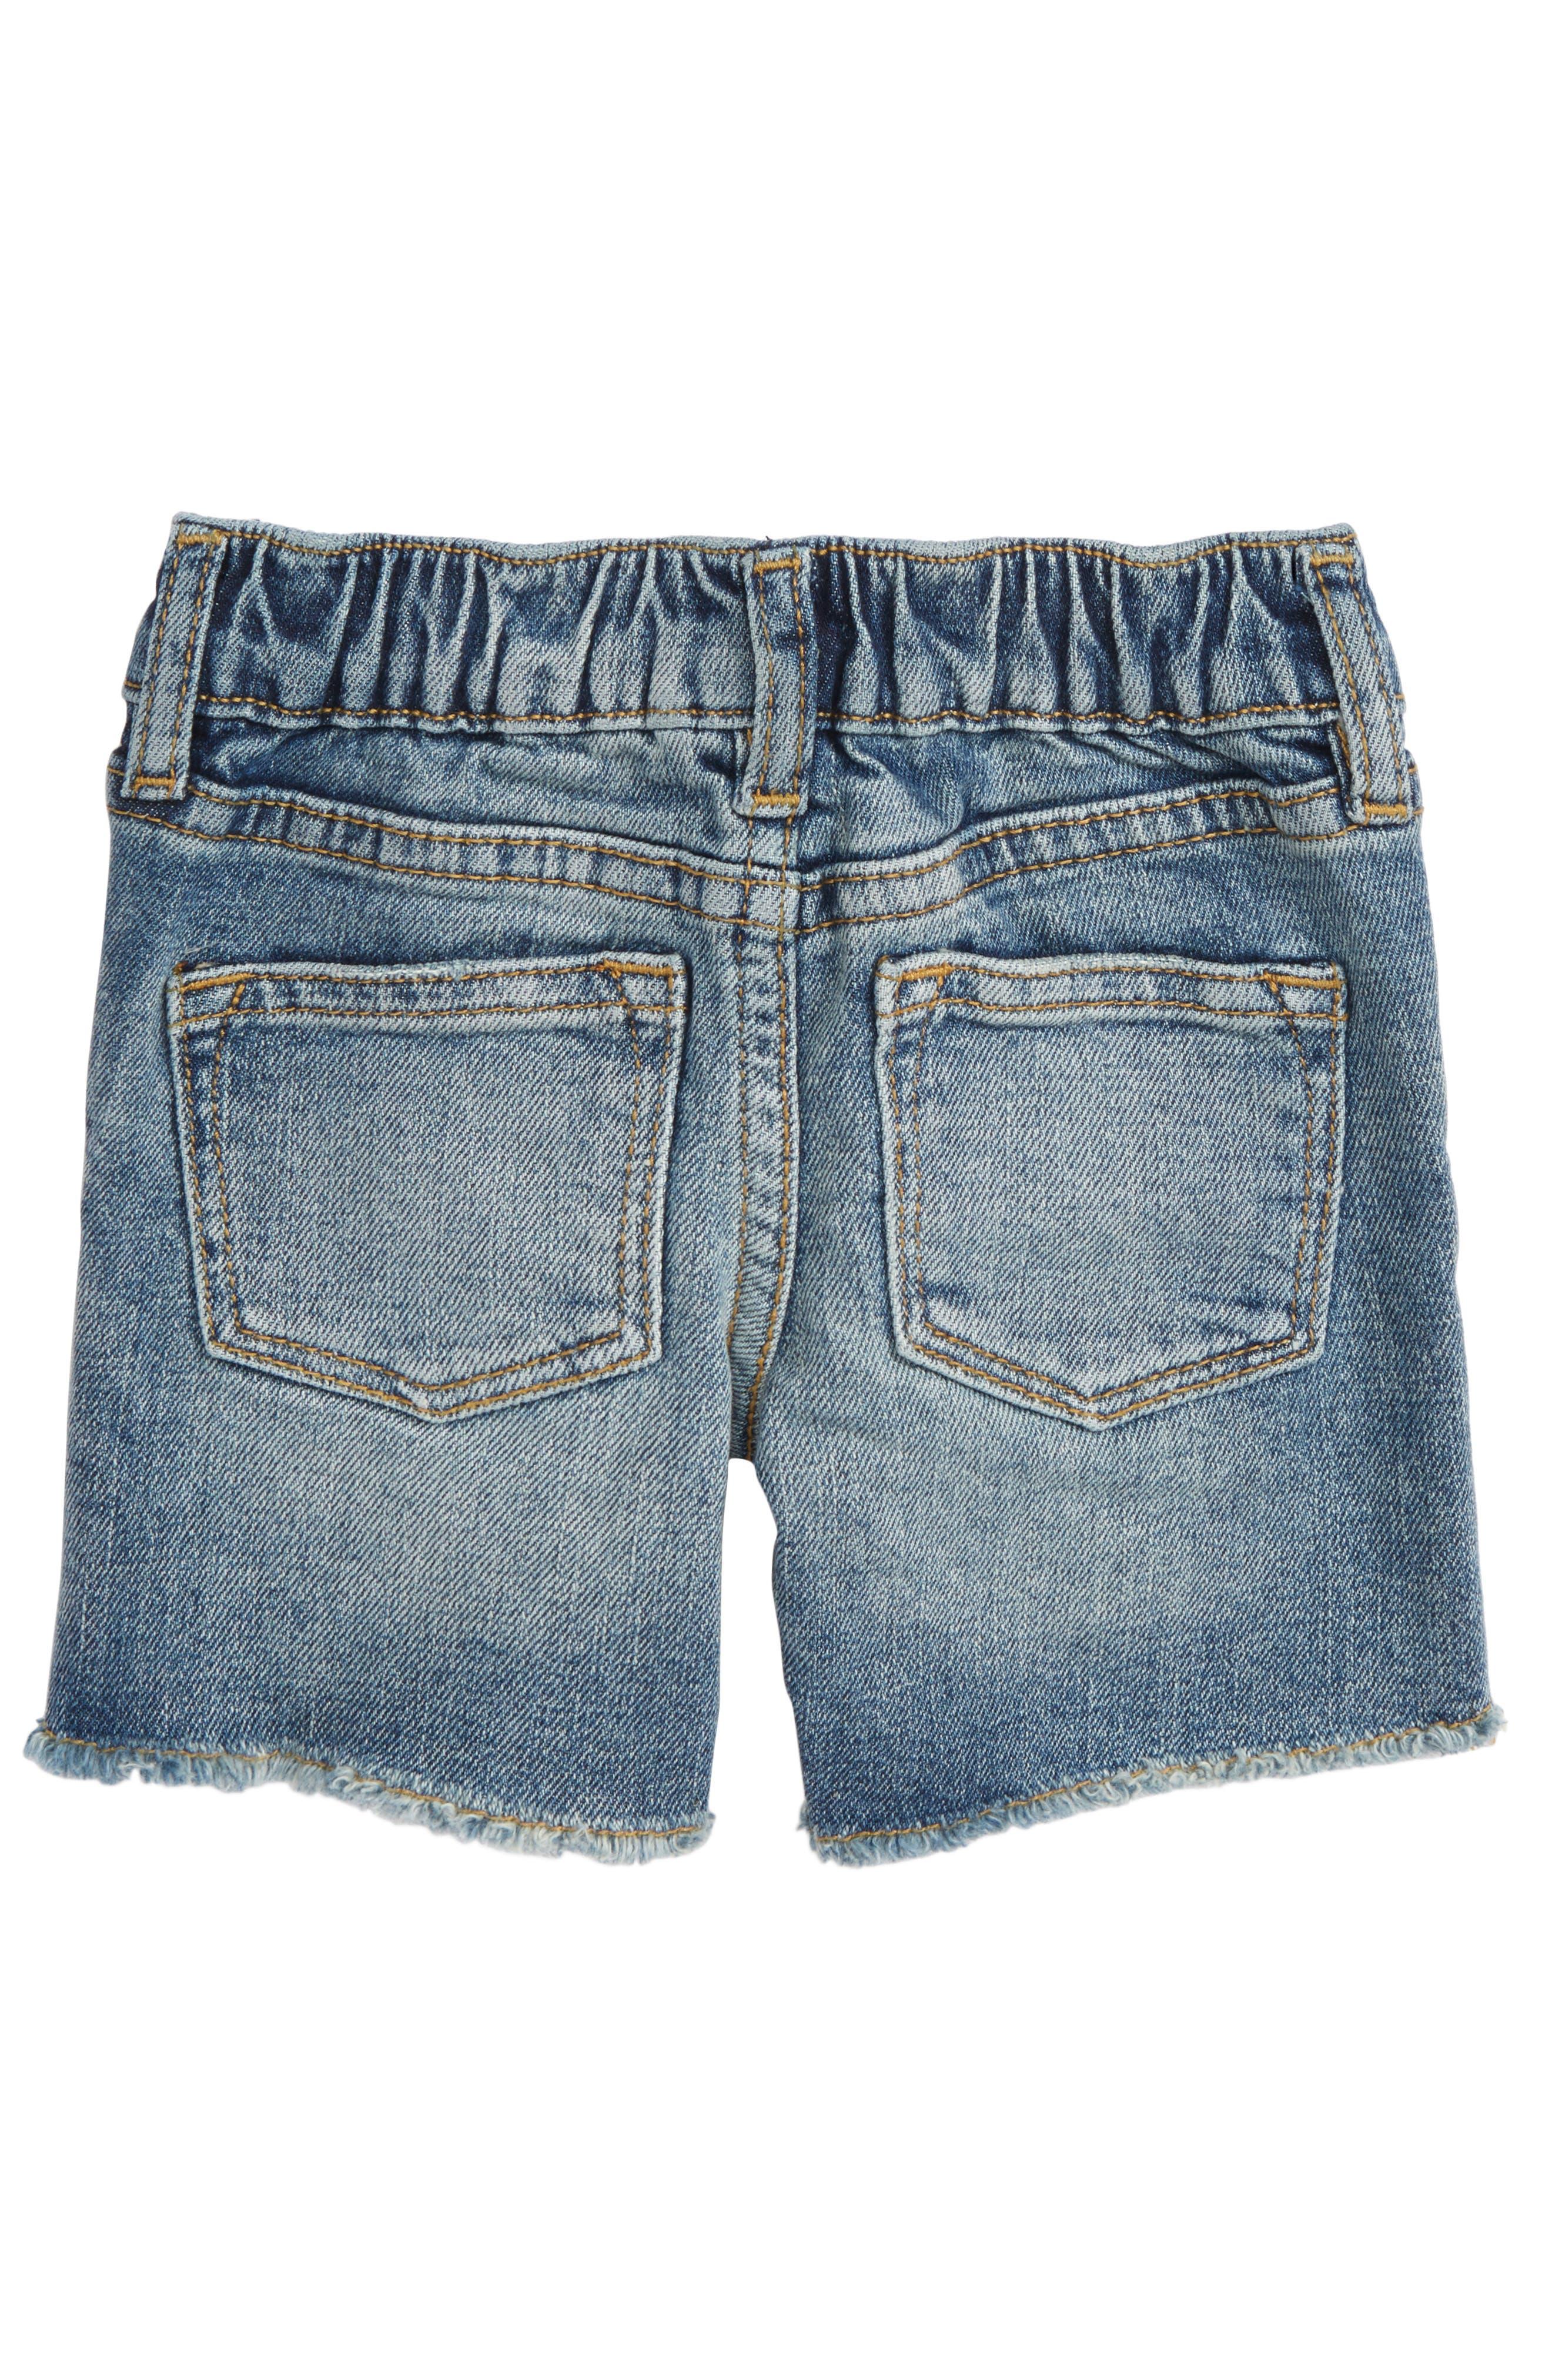 Alternate Image 2  - Peek Fairfax Denim Shorts (Baby Boys)